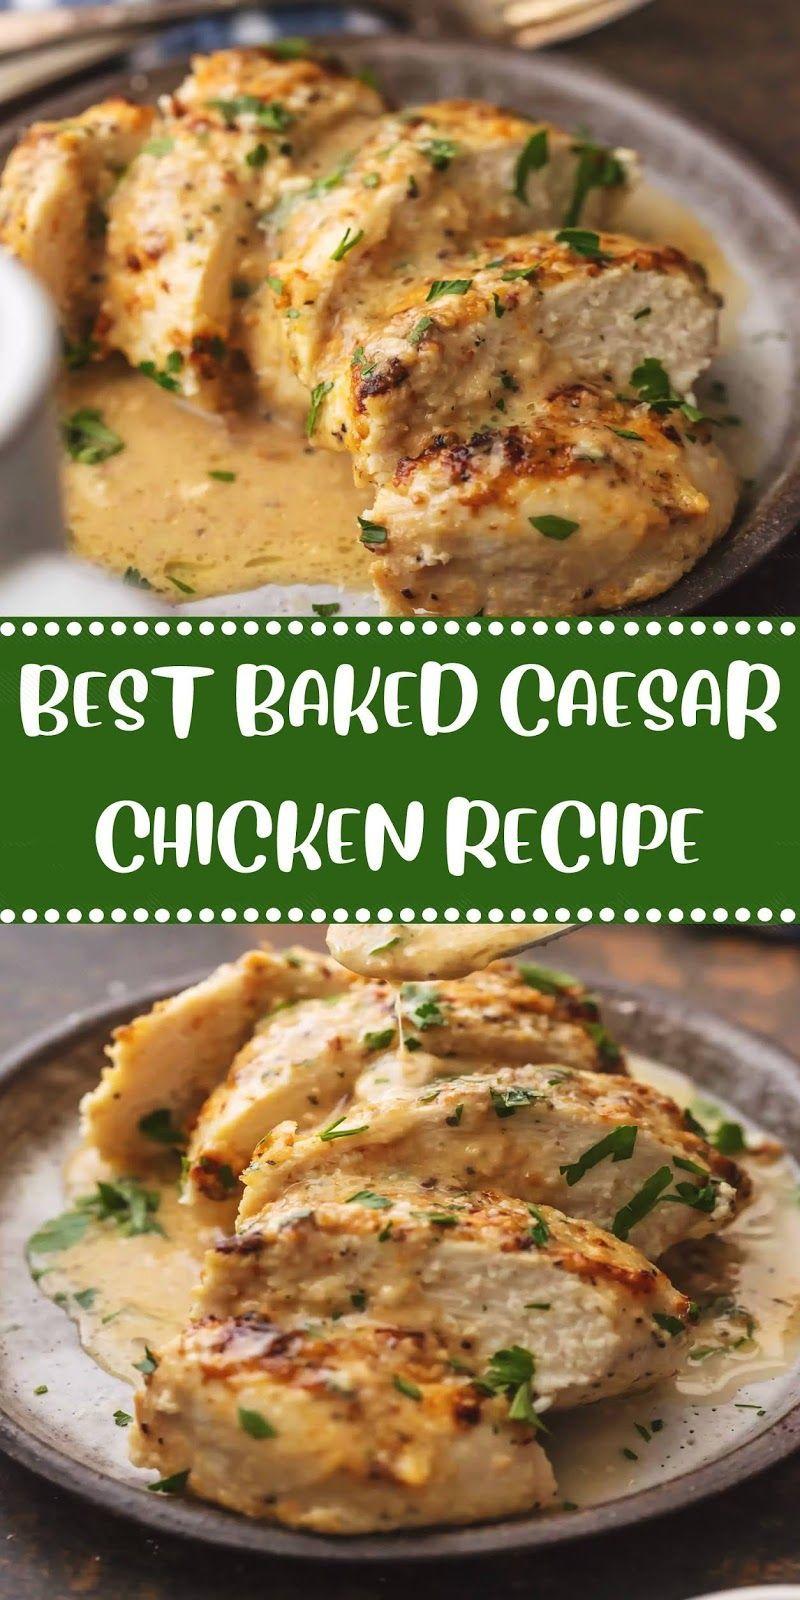 Best Baked Caesar Chicken Recipe In 2020 Chicken Recipes Casserole Chicken Recipes Healthy Chicken Recipes